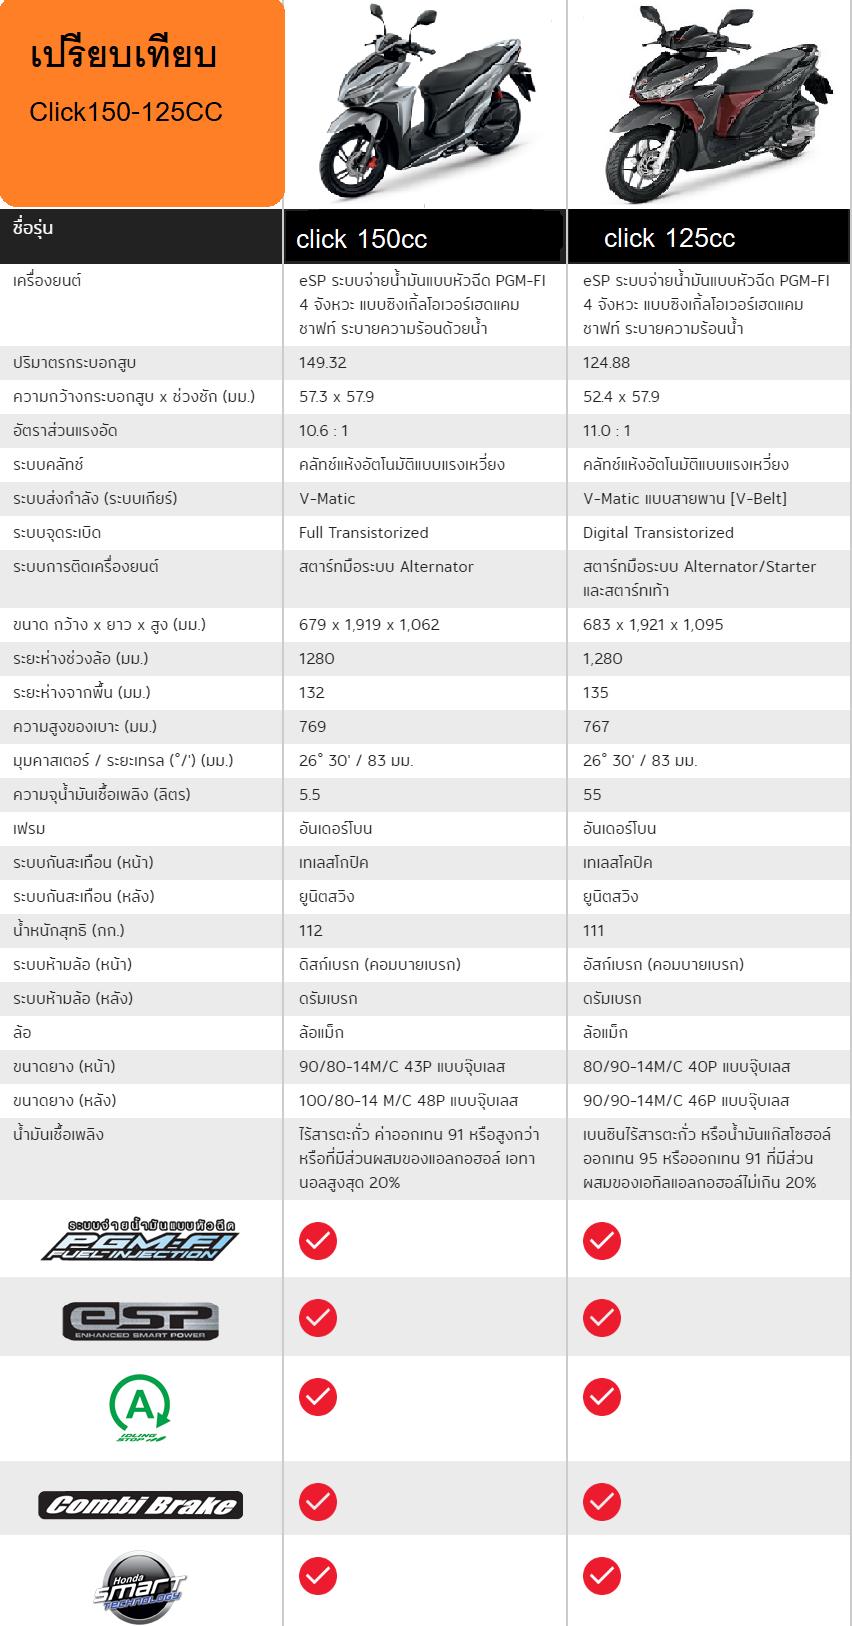 เปรียบเทียบ Honda click 150cc กับ Click 125cc